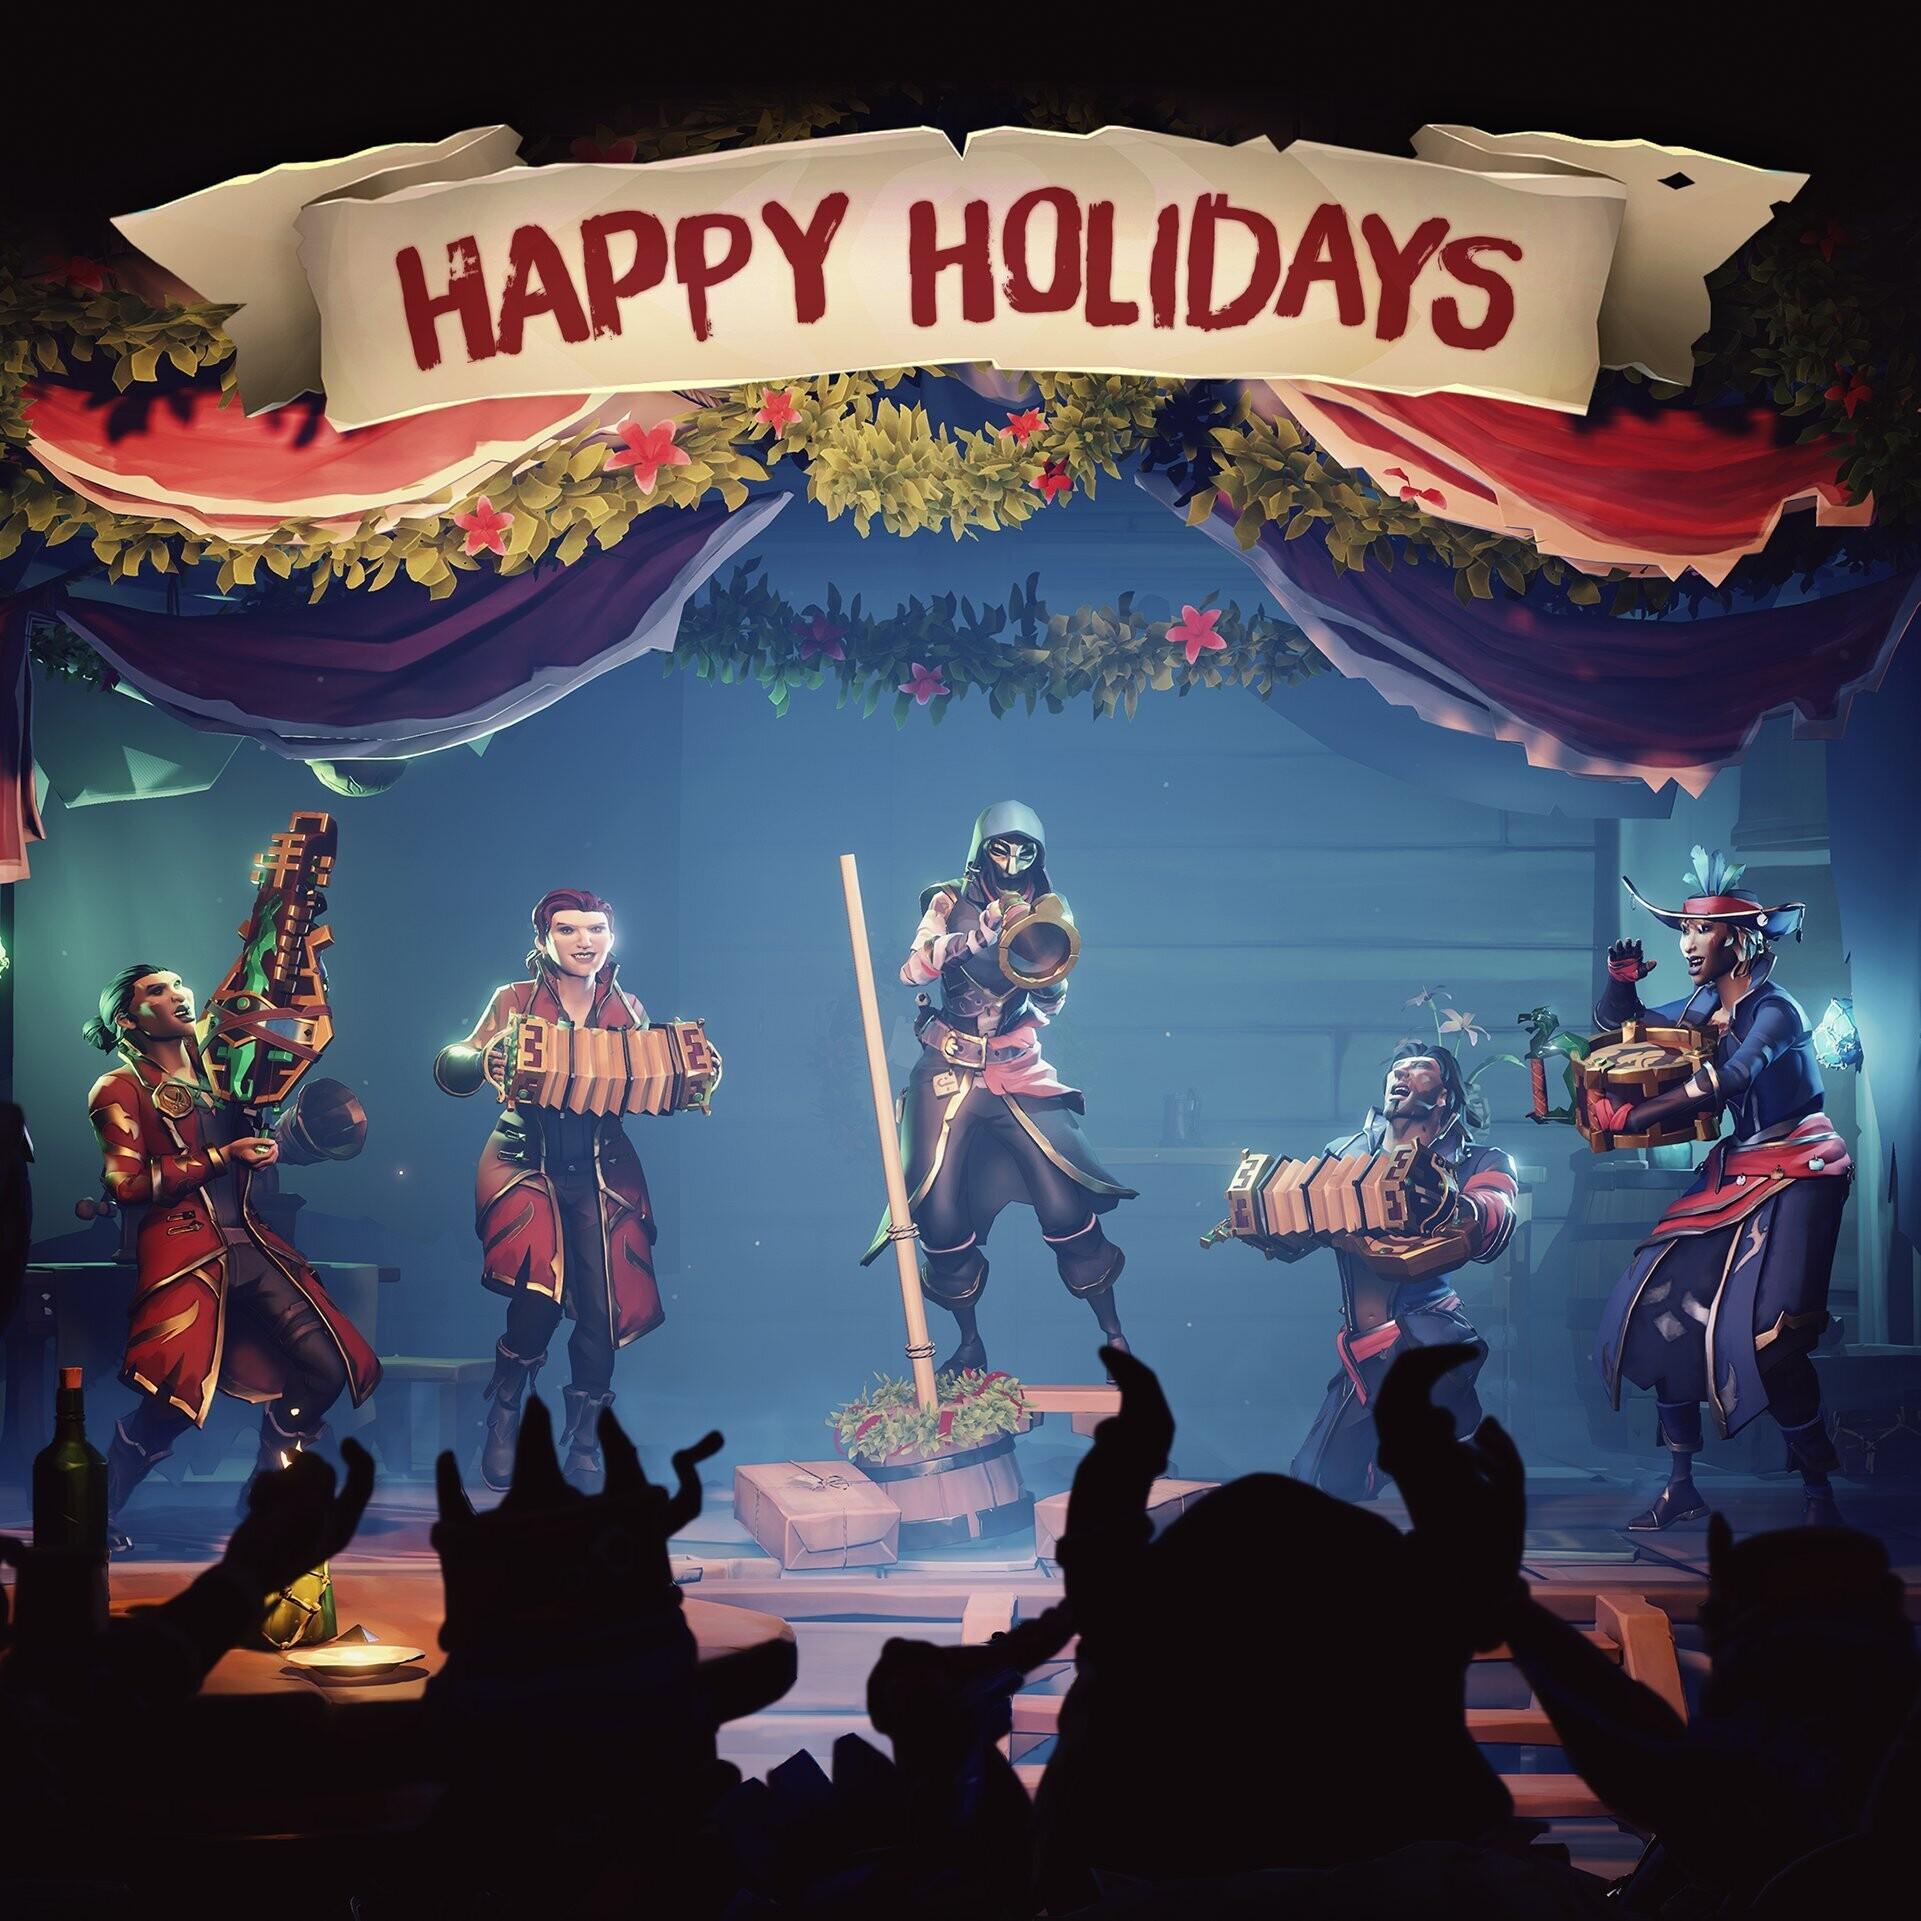 Разработчики поздравляют игроков с Рождеством — собрали праздничные открытки 8